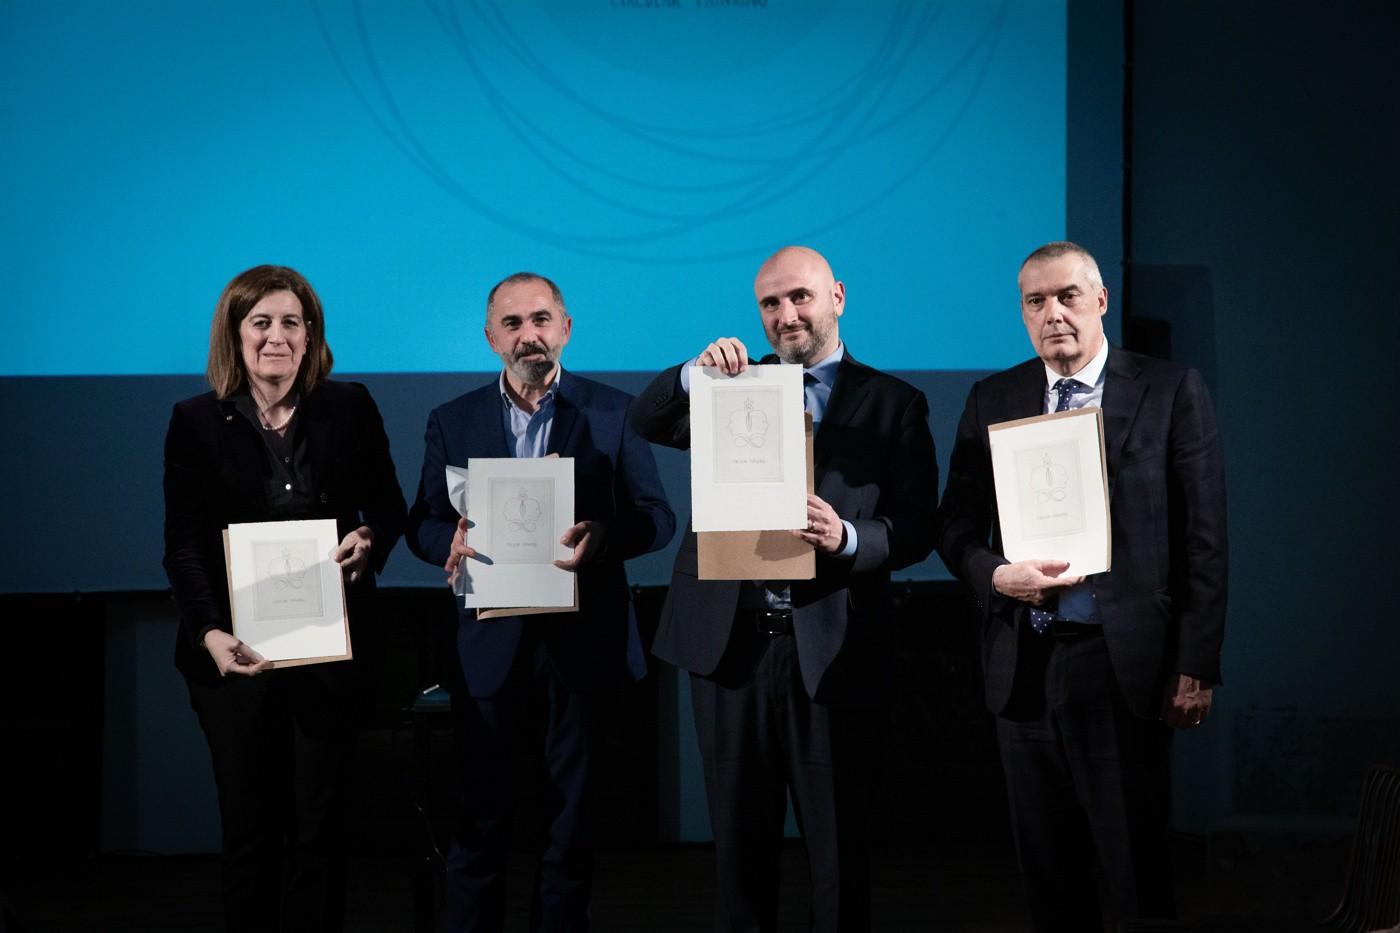 Da sinistra, Chiara Ferraris (RadiciGroup), Valerio Rubin (Vanoncini), Lorenzo Colombo (Italcementi) e Fabio Gritti (Grifal)